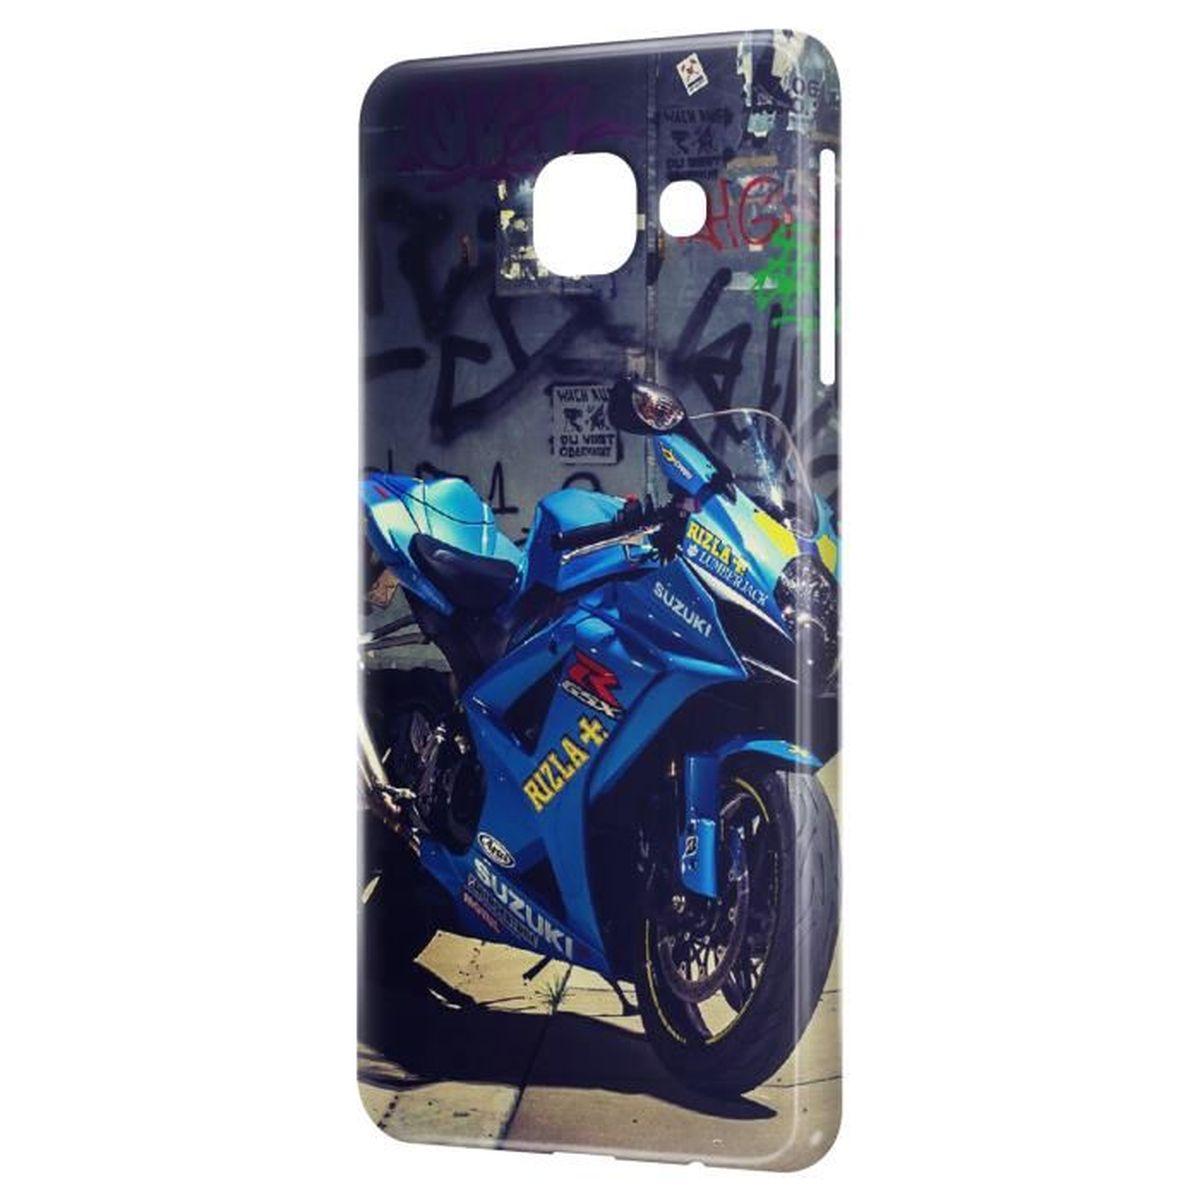 coque samsung galaxy a5 2016 moto